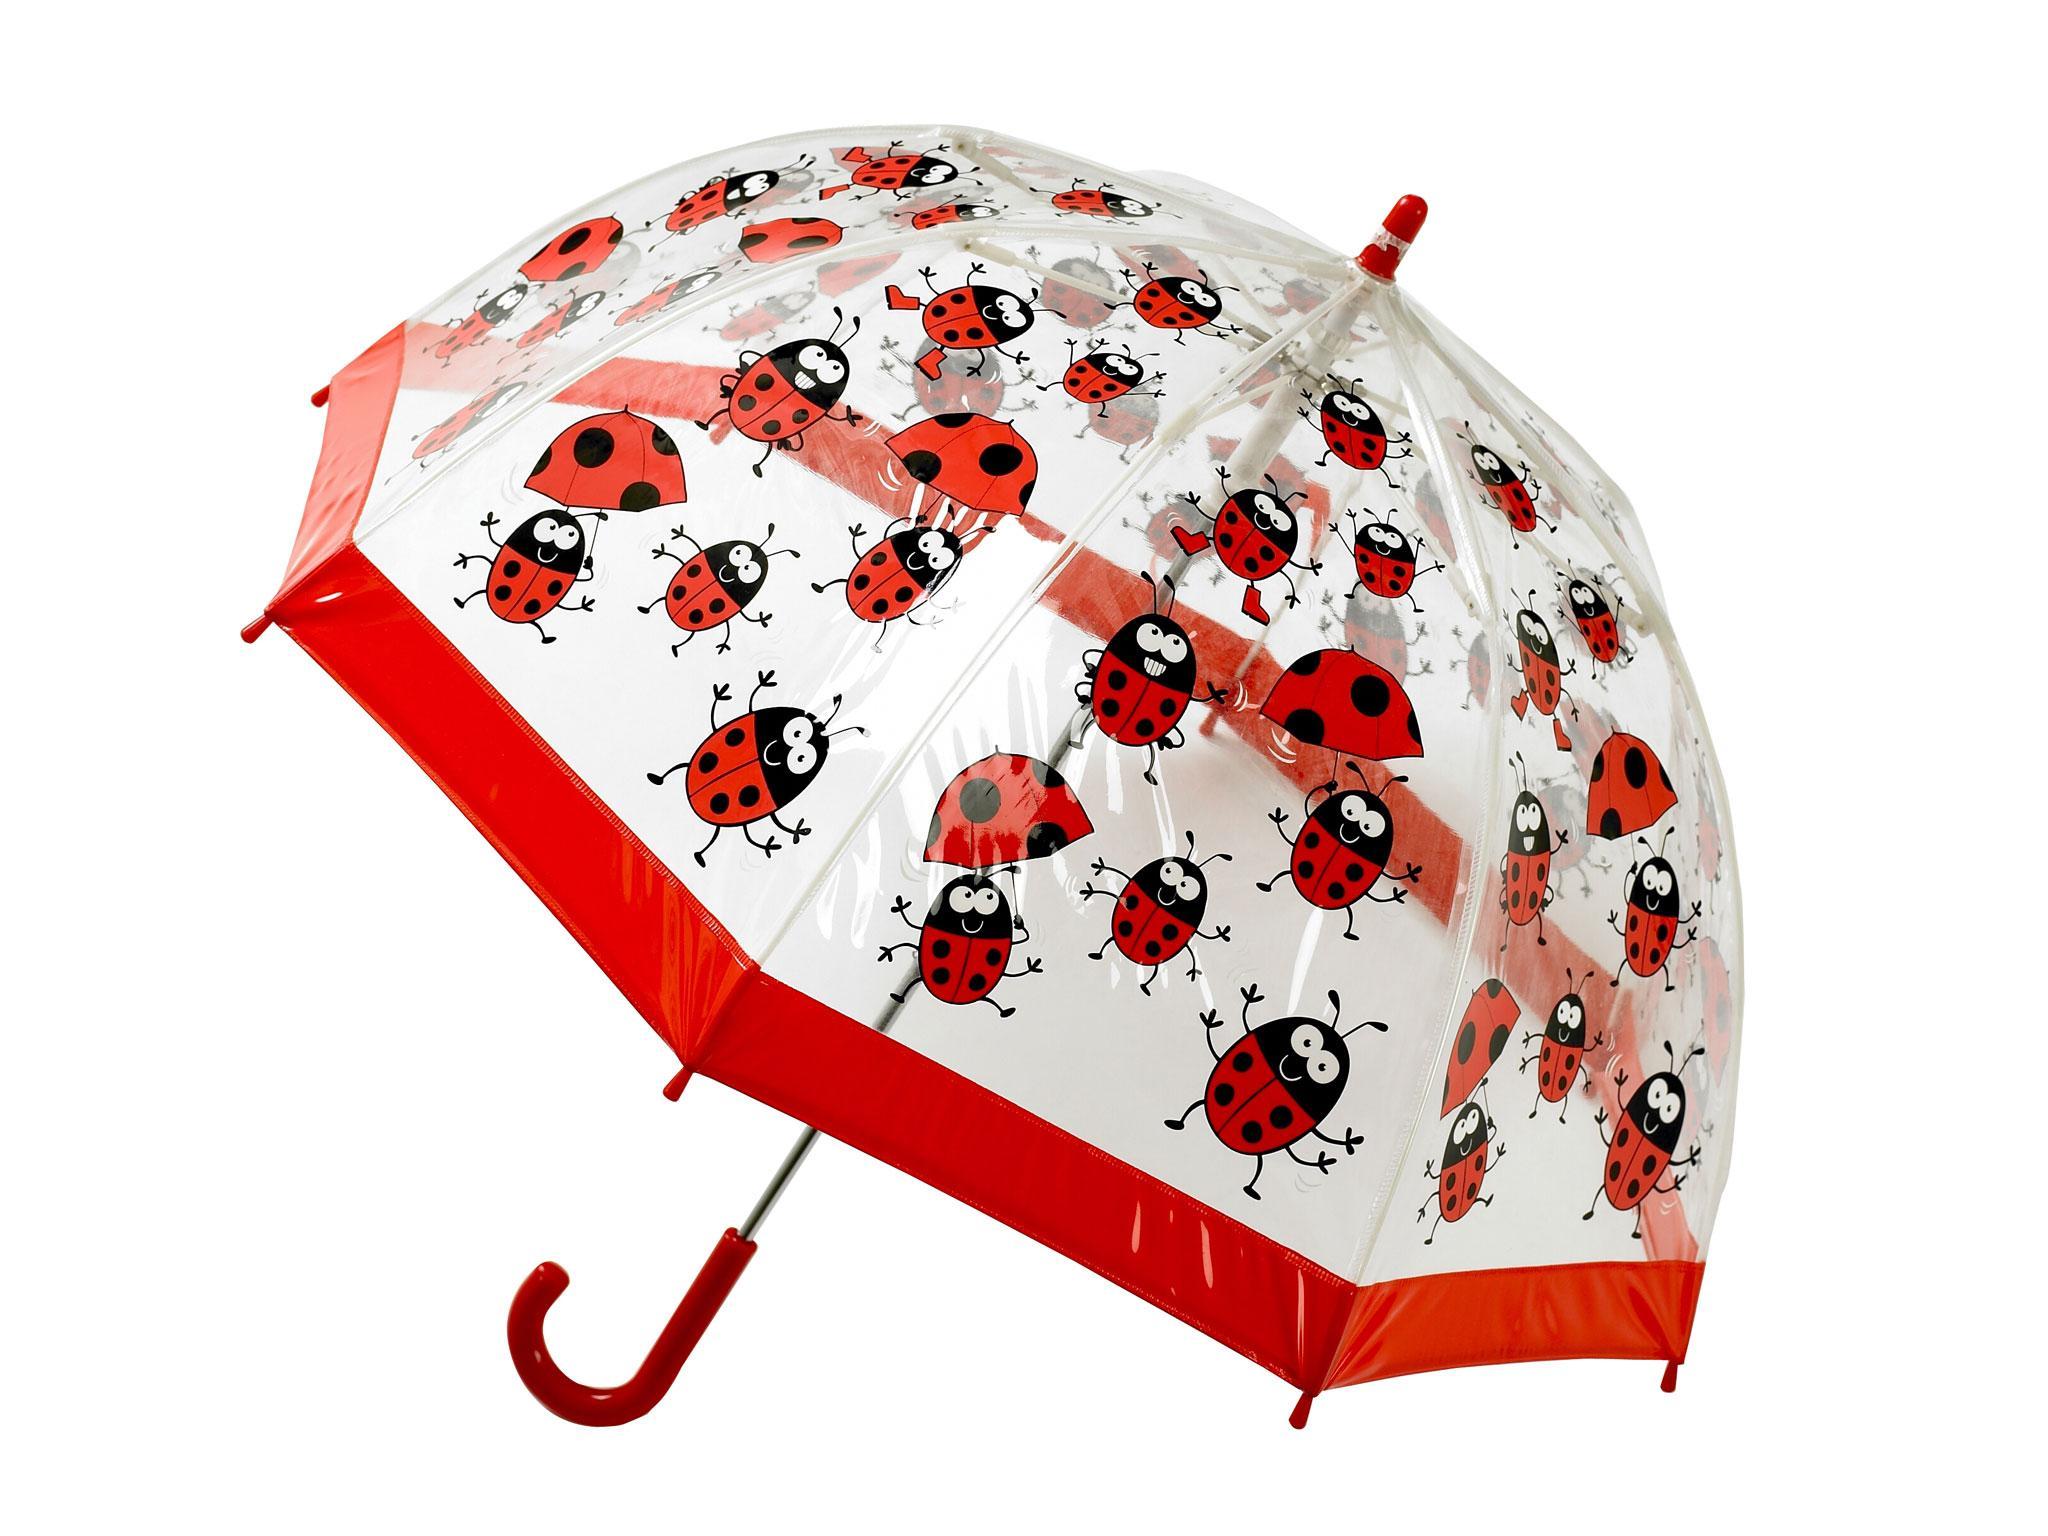 7a7dea759436 8 best kids' umbrellas | The Independent